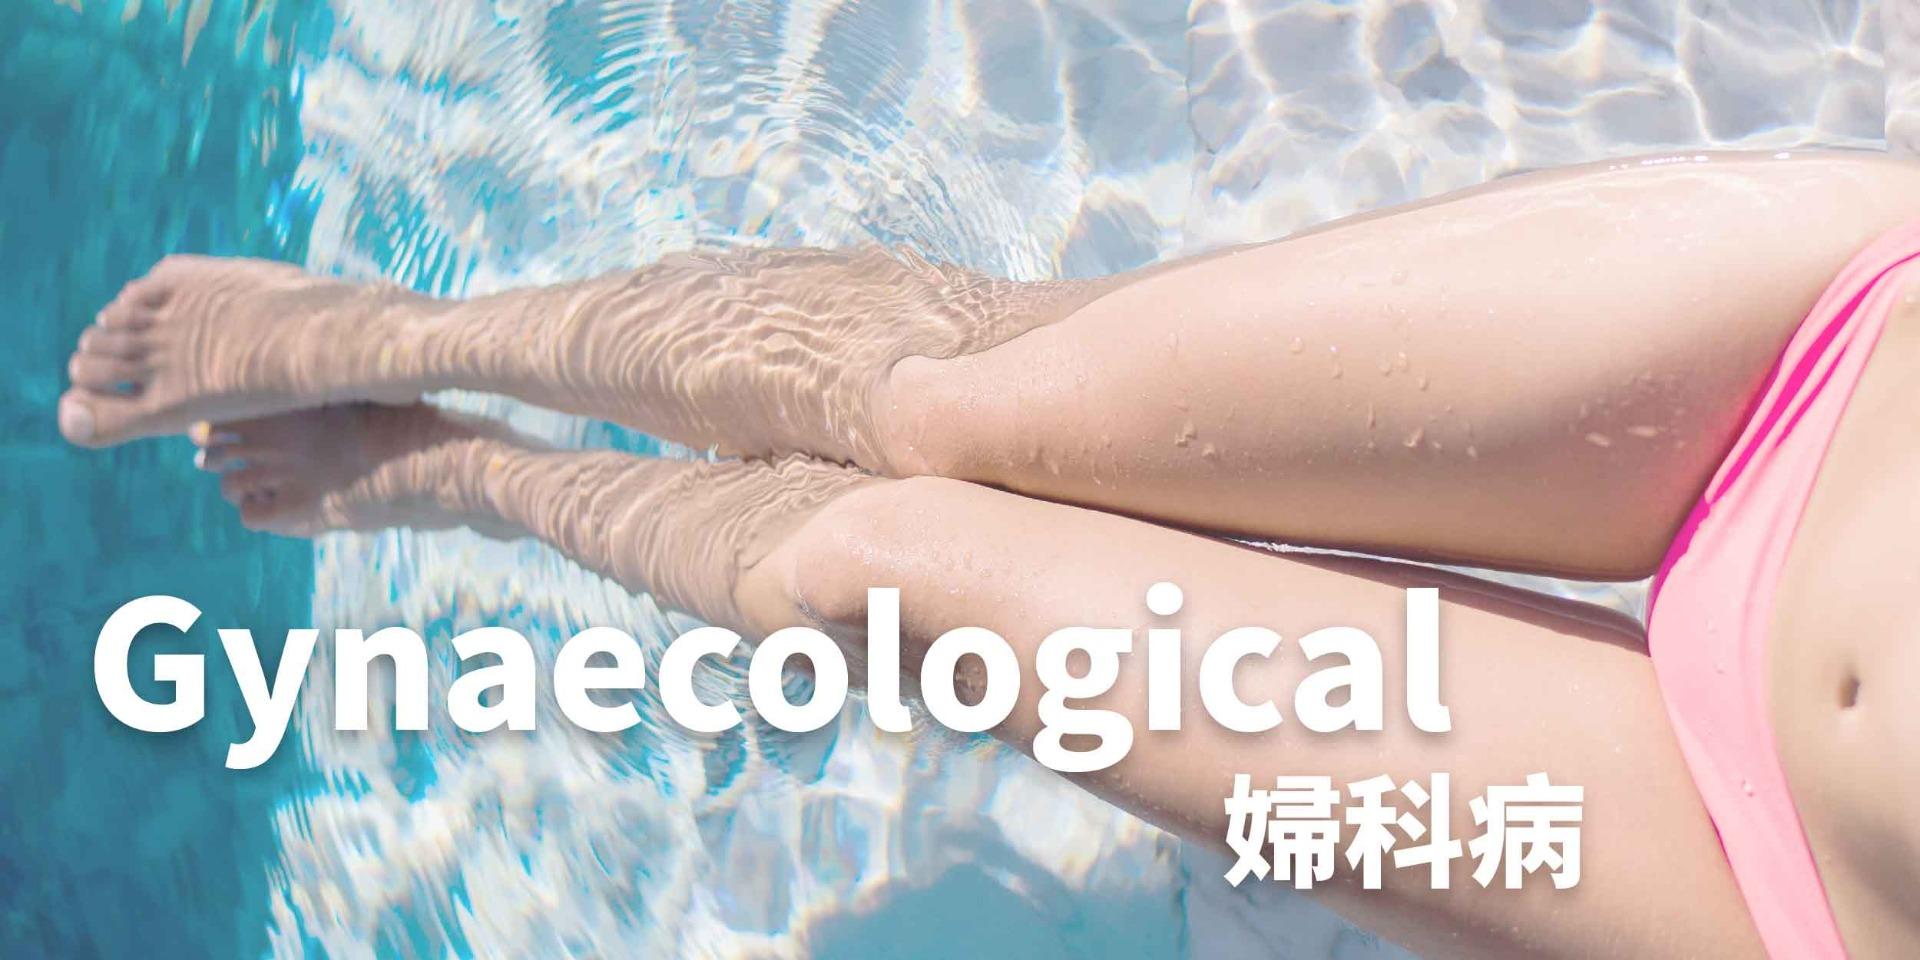 婦科病,AQ Bio消毒殺菌噴霧、殺菌達99.9999%, 對抗濕疹,暗瘡,皮膚敏感,念珠菌,鼻敏感,喉嚨痛, 助皮膚修護細胞, 產生抗菌能